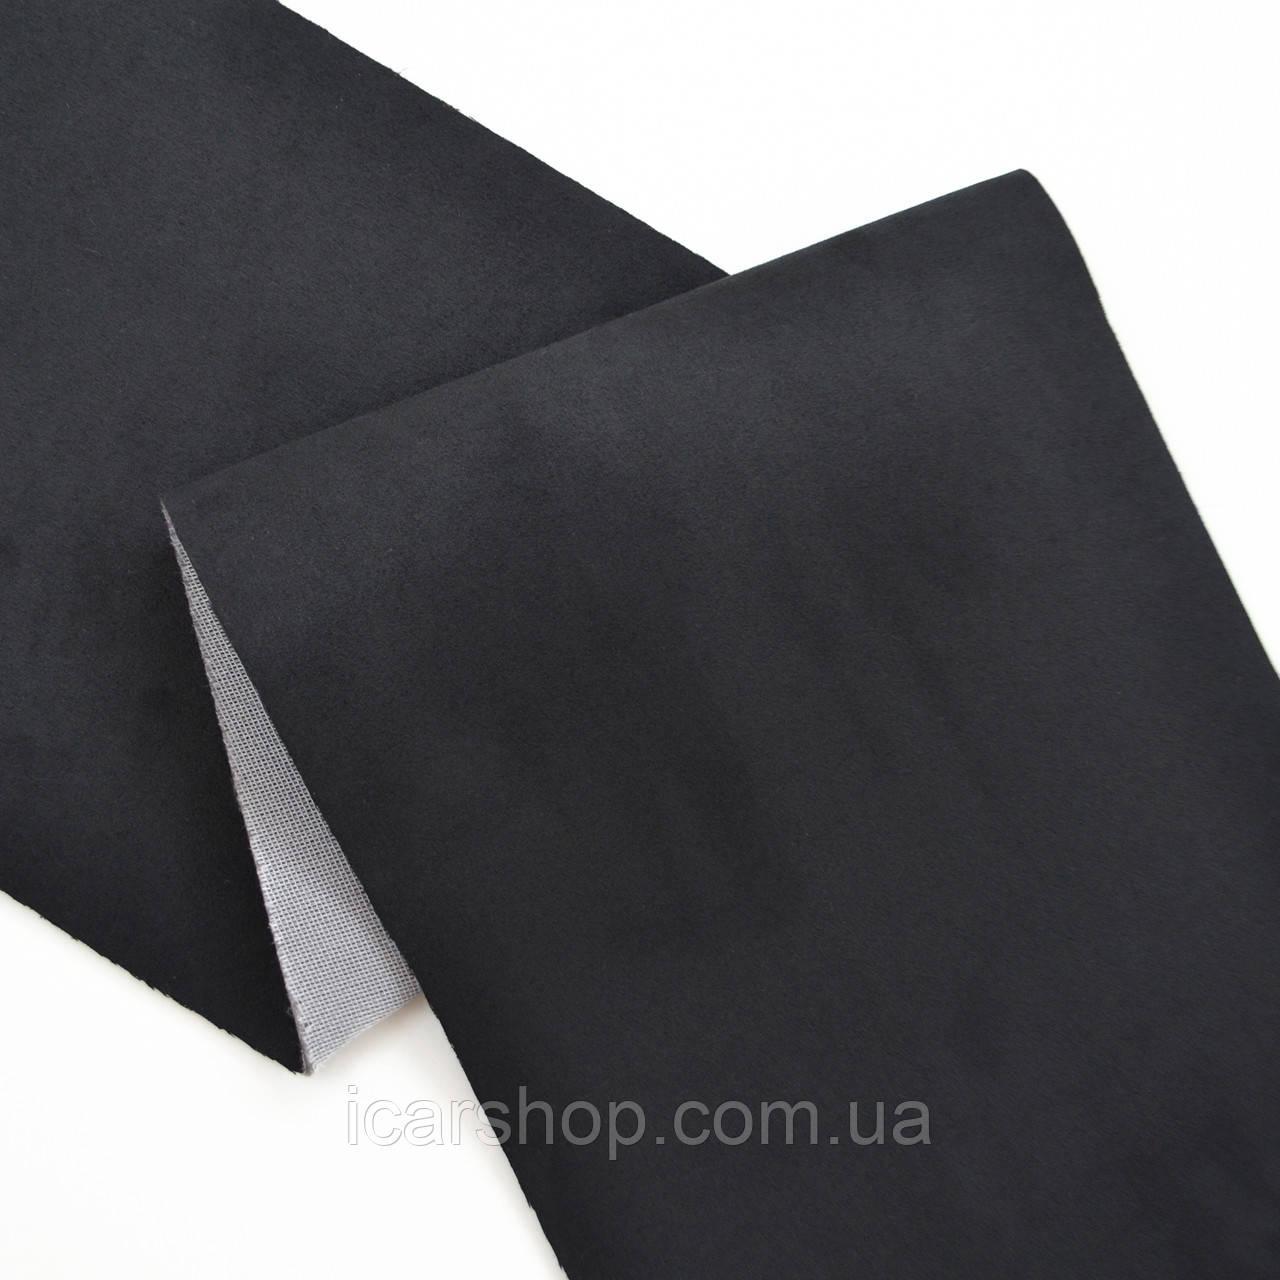 205 (1,45м) / Черный / На поролоне 3мм